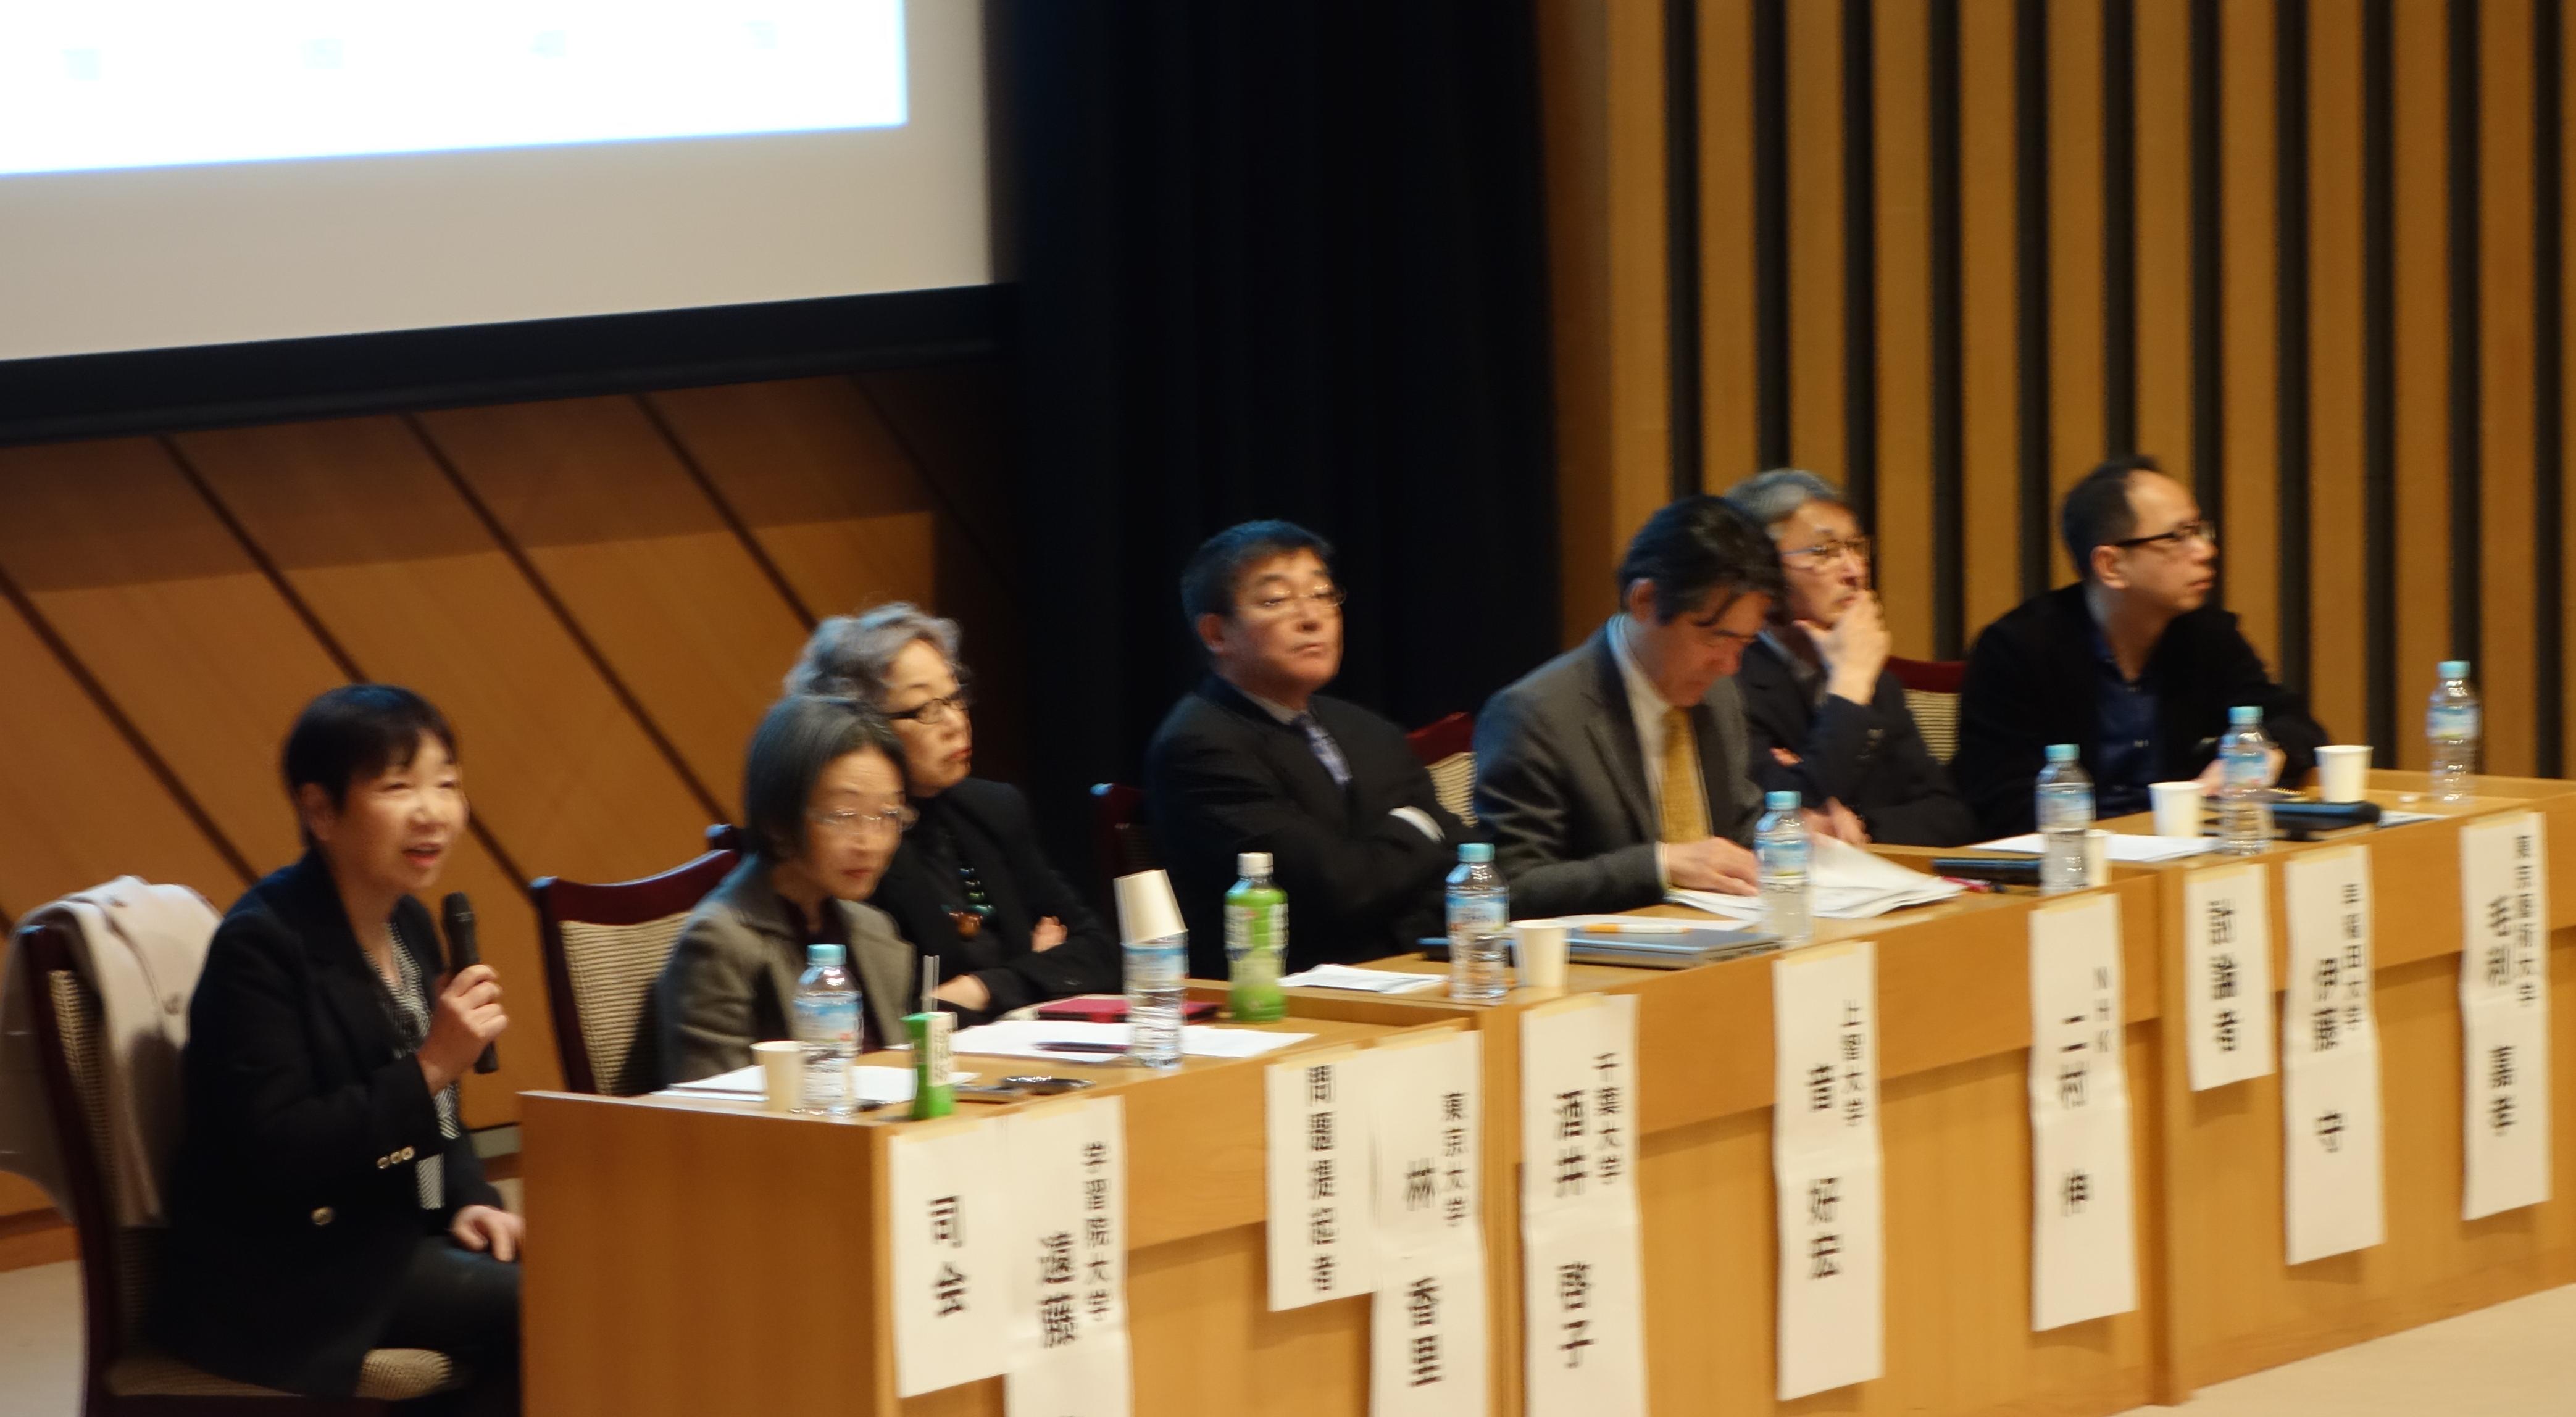 日本学術会議公開シンポジウム「グローバル化する中での国際報道と公共放送の役割」